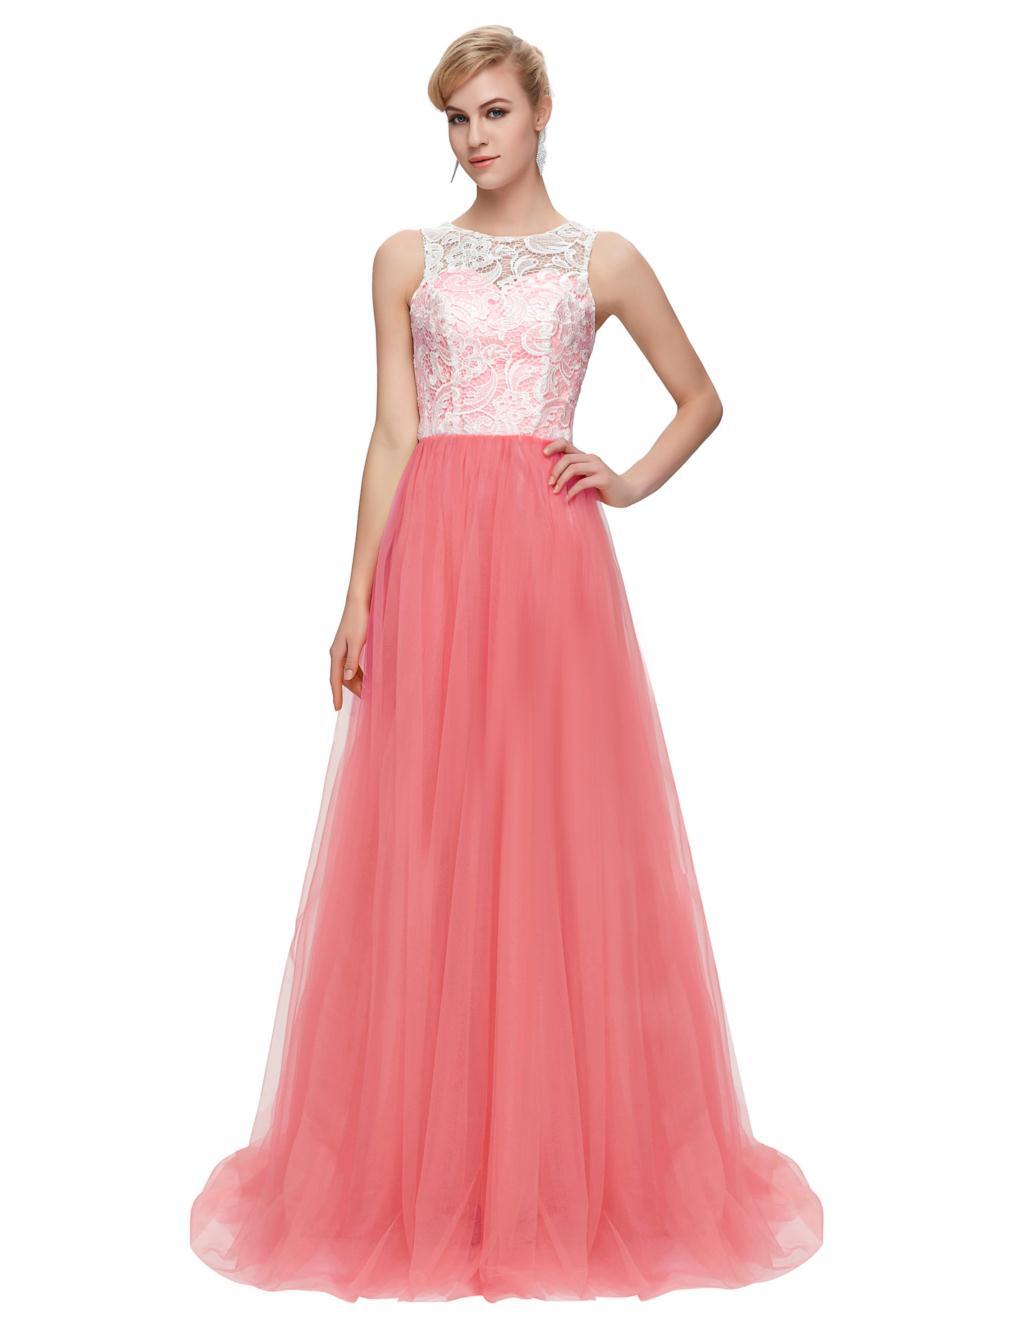 Amarillo prom dress grace karin menta verde blanco azul rojo lila ...